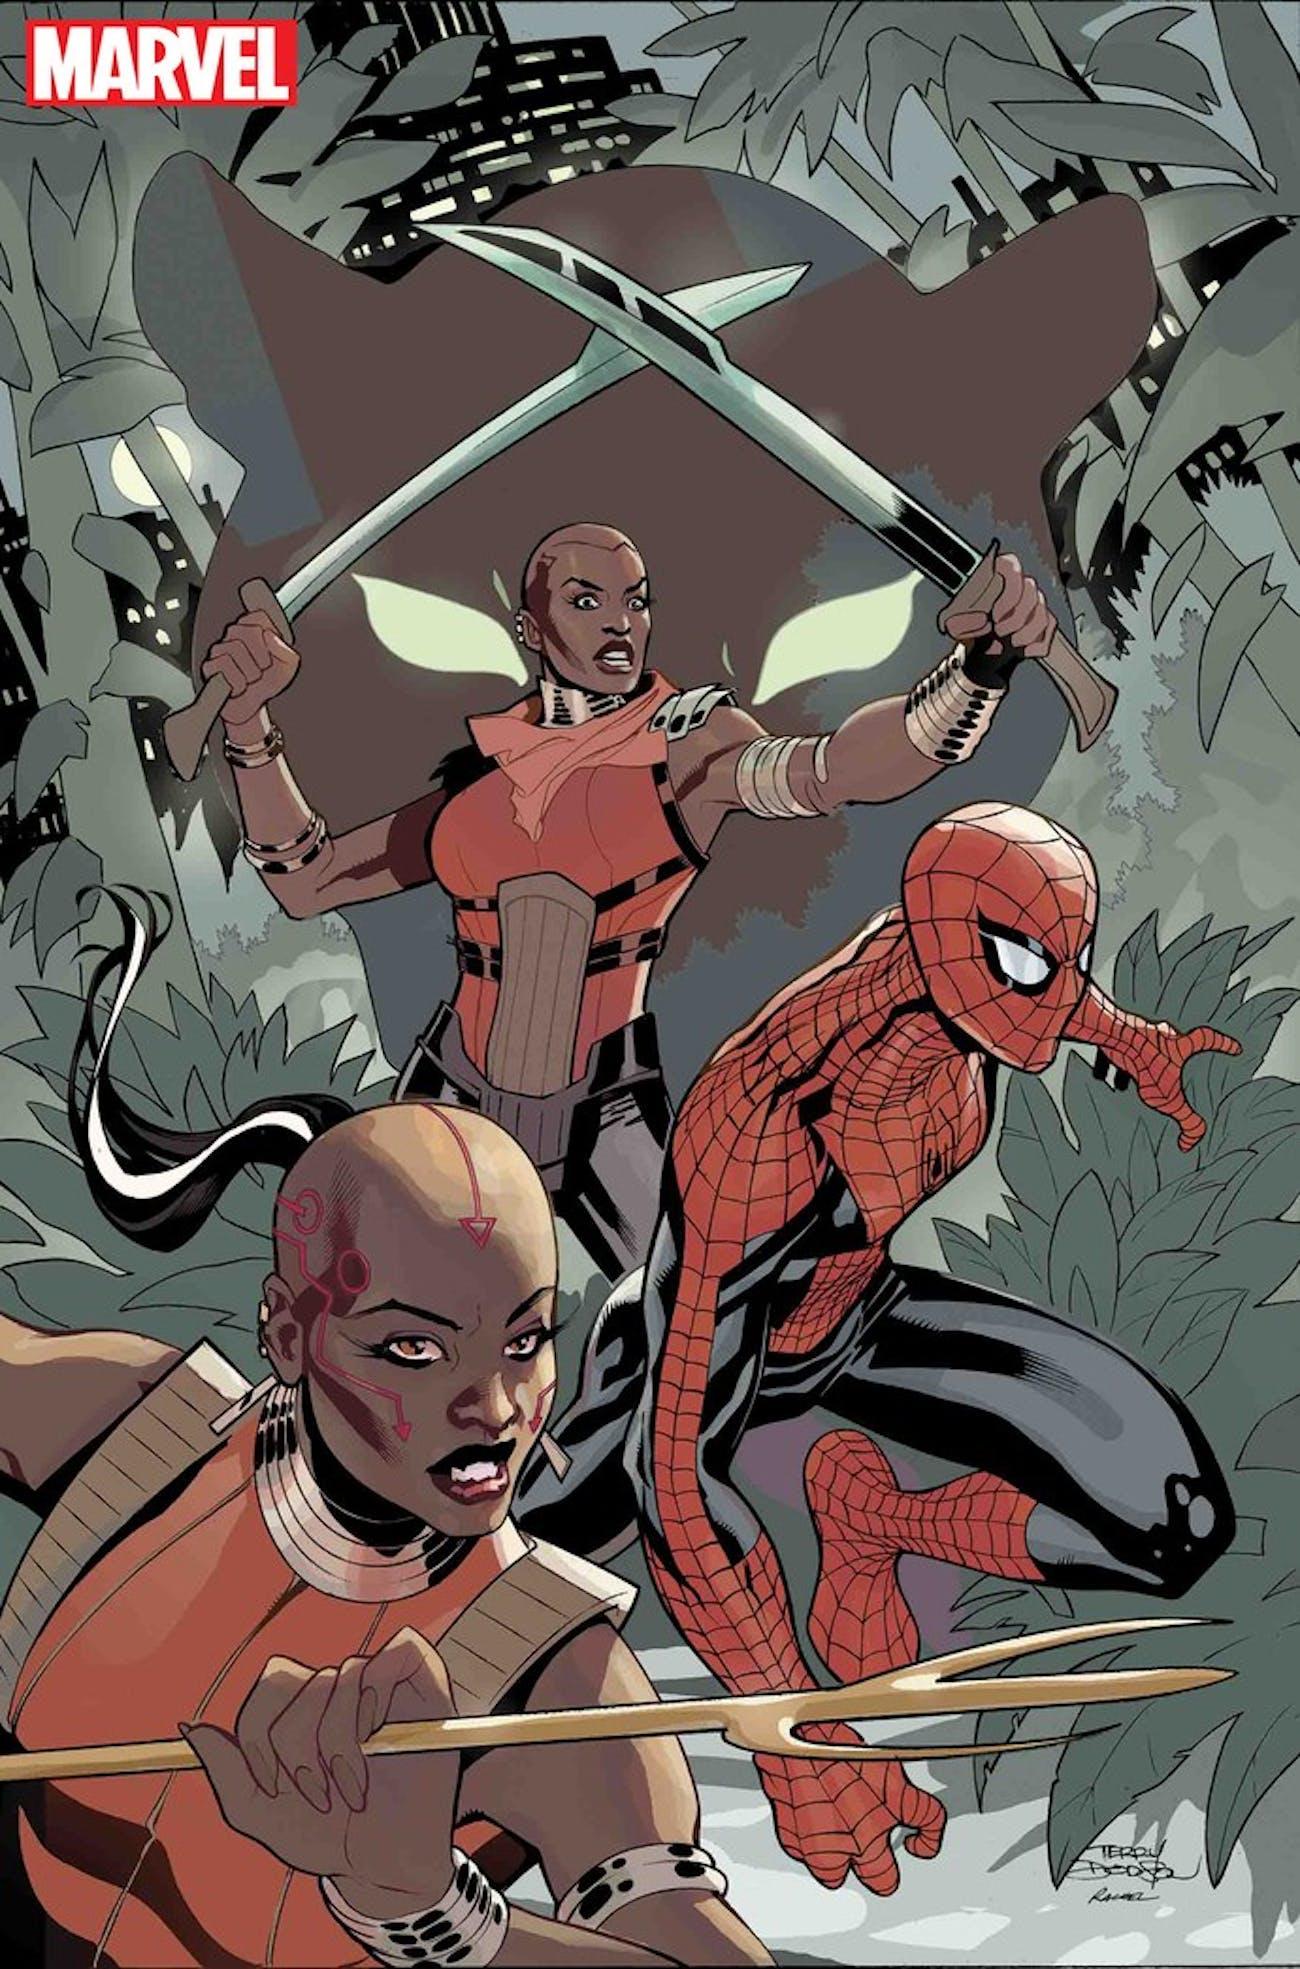 ' Wakanda Forever: The Amazing Spider-Man'